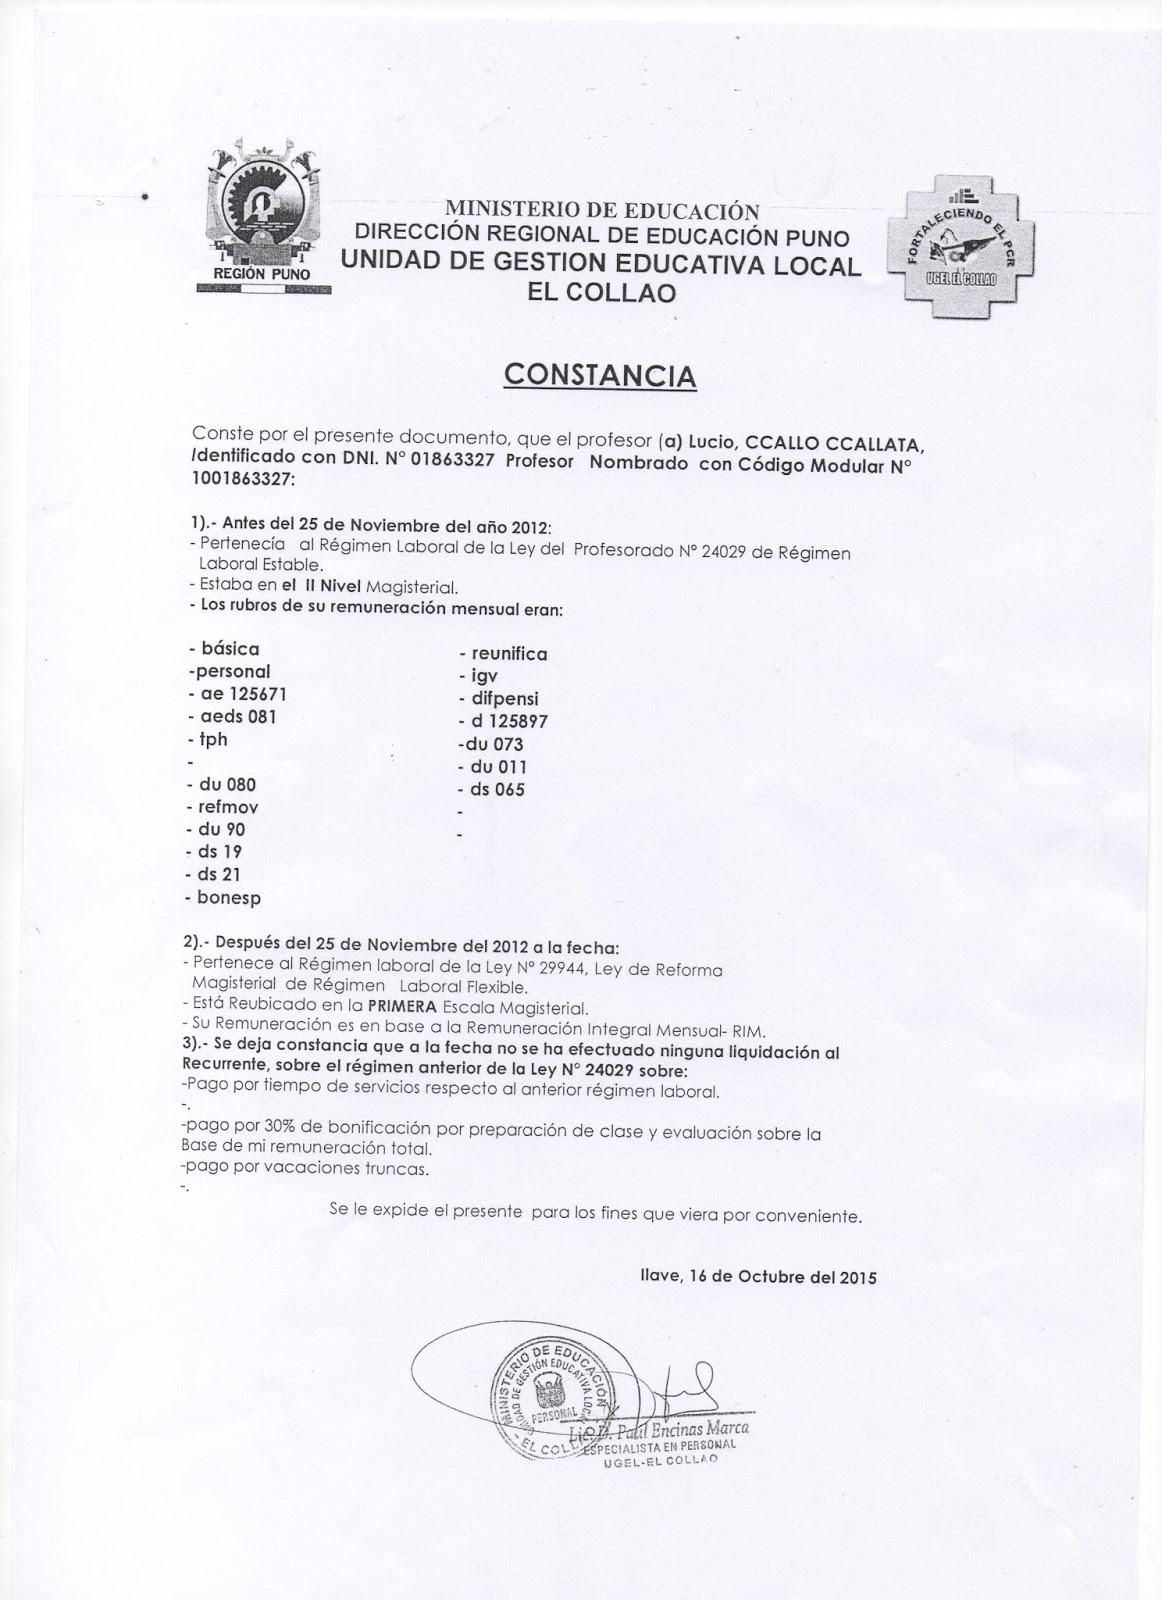 carta de solicitud de beneficios laborales